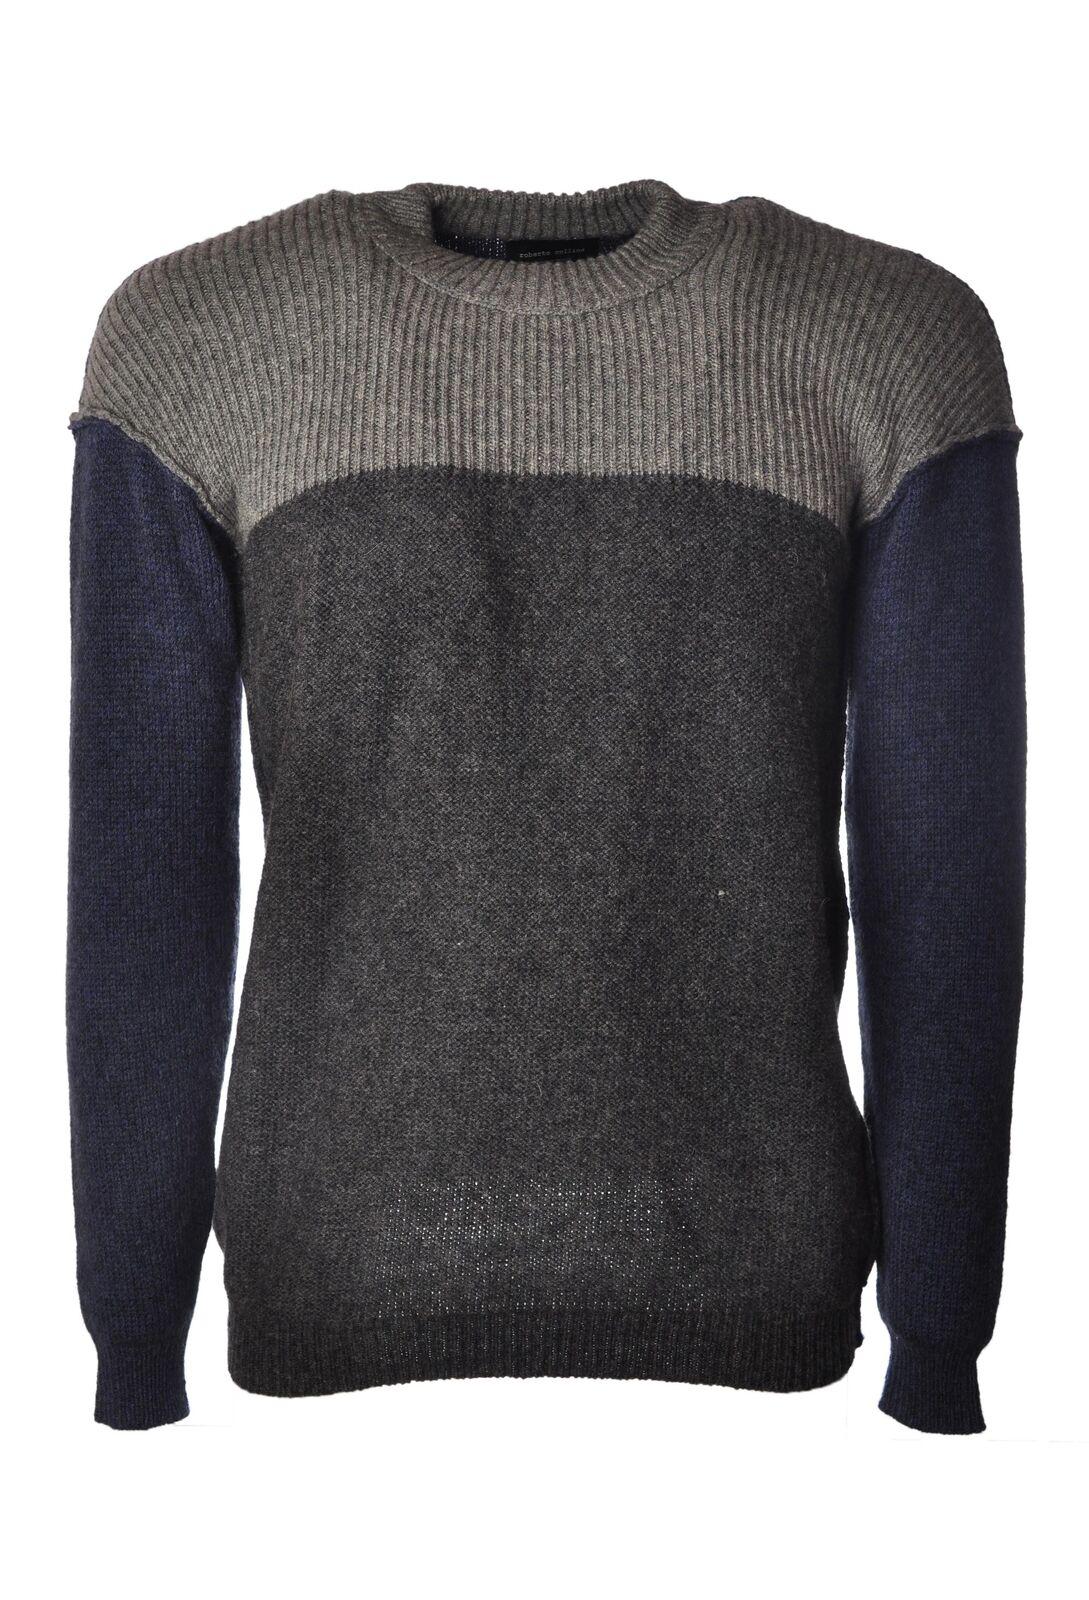 Heritage - Knitwear-Sweaters blu - Man - blu Knitwear-Sweaters - 1978216N184227 a33f56